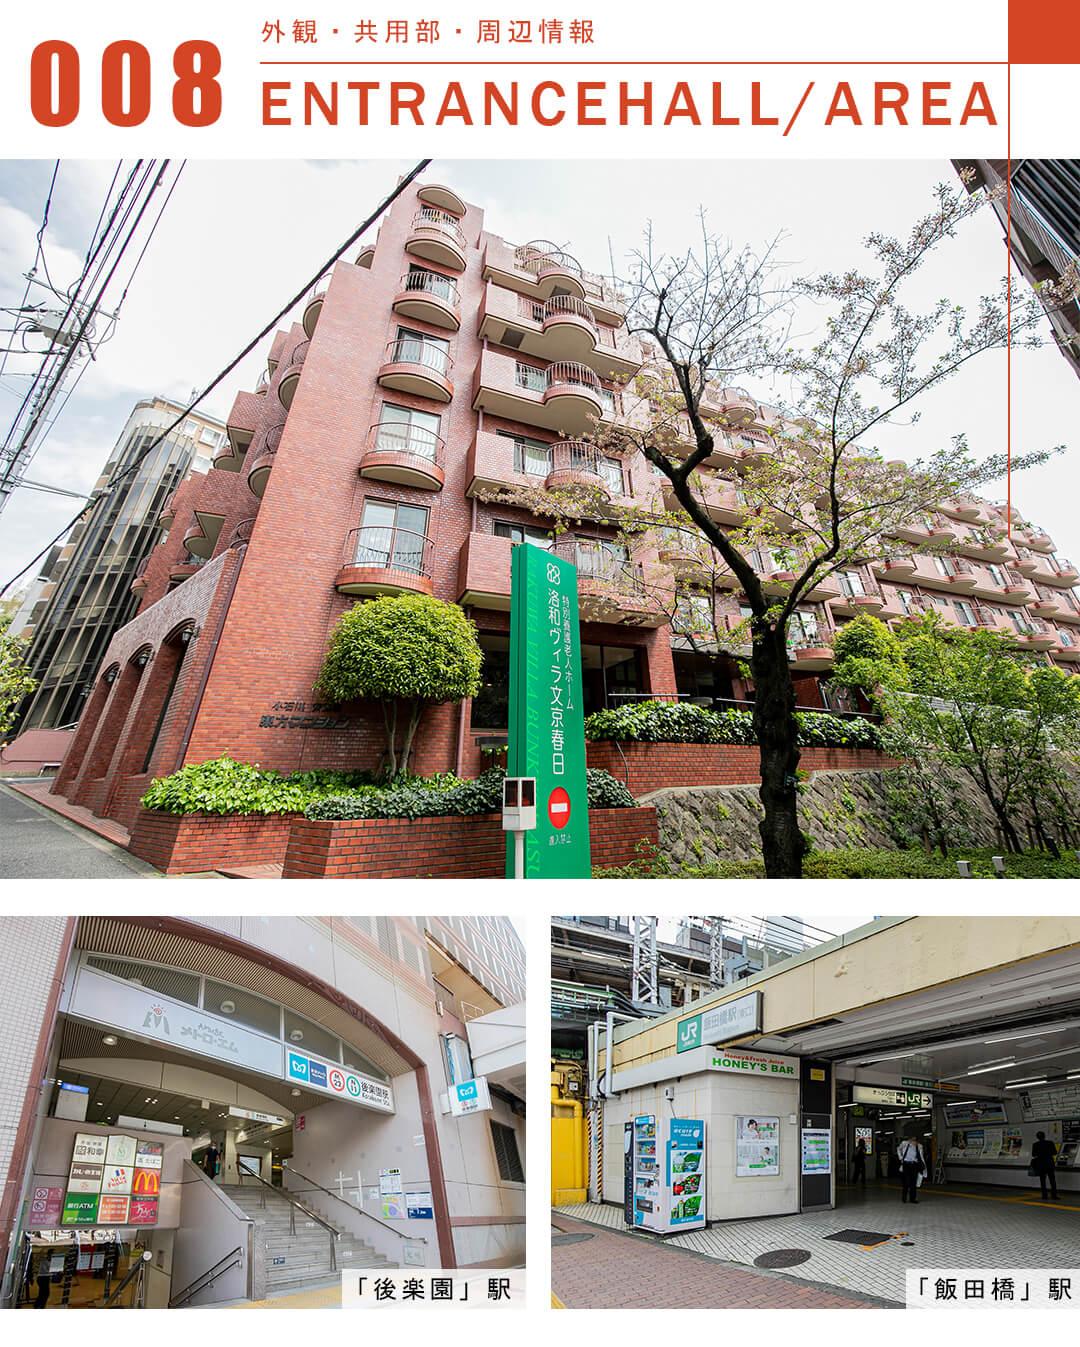 安藤坂東方マンションの外観と周辺情報